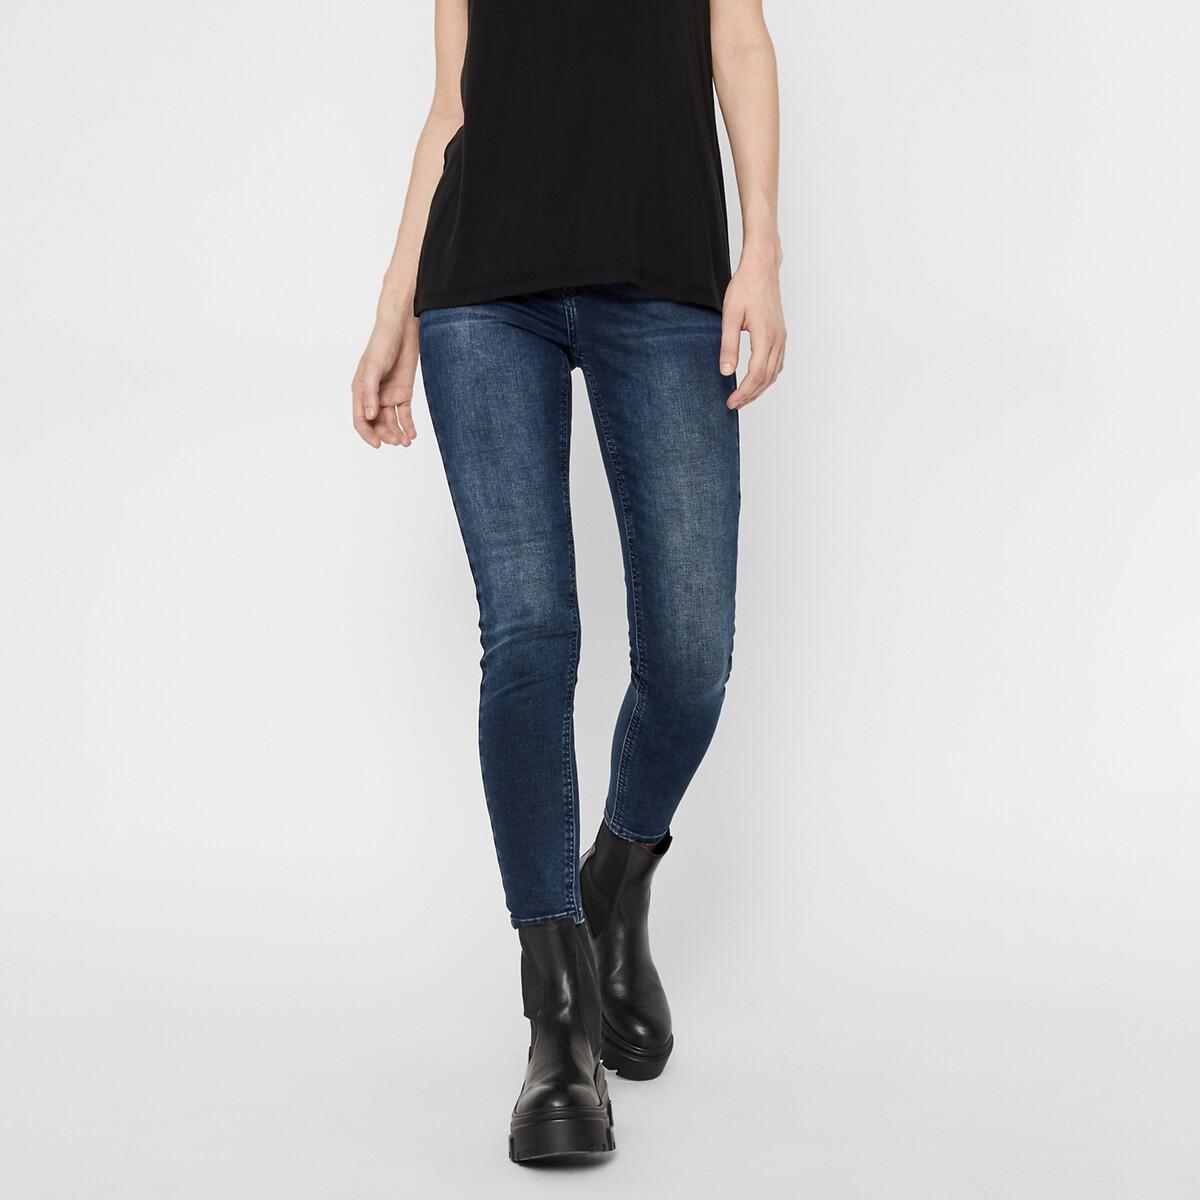 Фото - Джинсы LaRedoute Скинни покрой 78 XS синий джинсы laredoute скинни длина 30 s черный